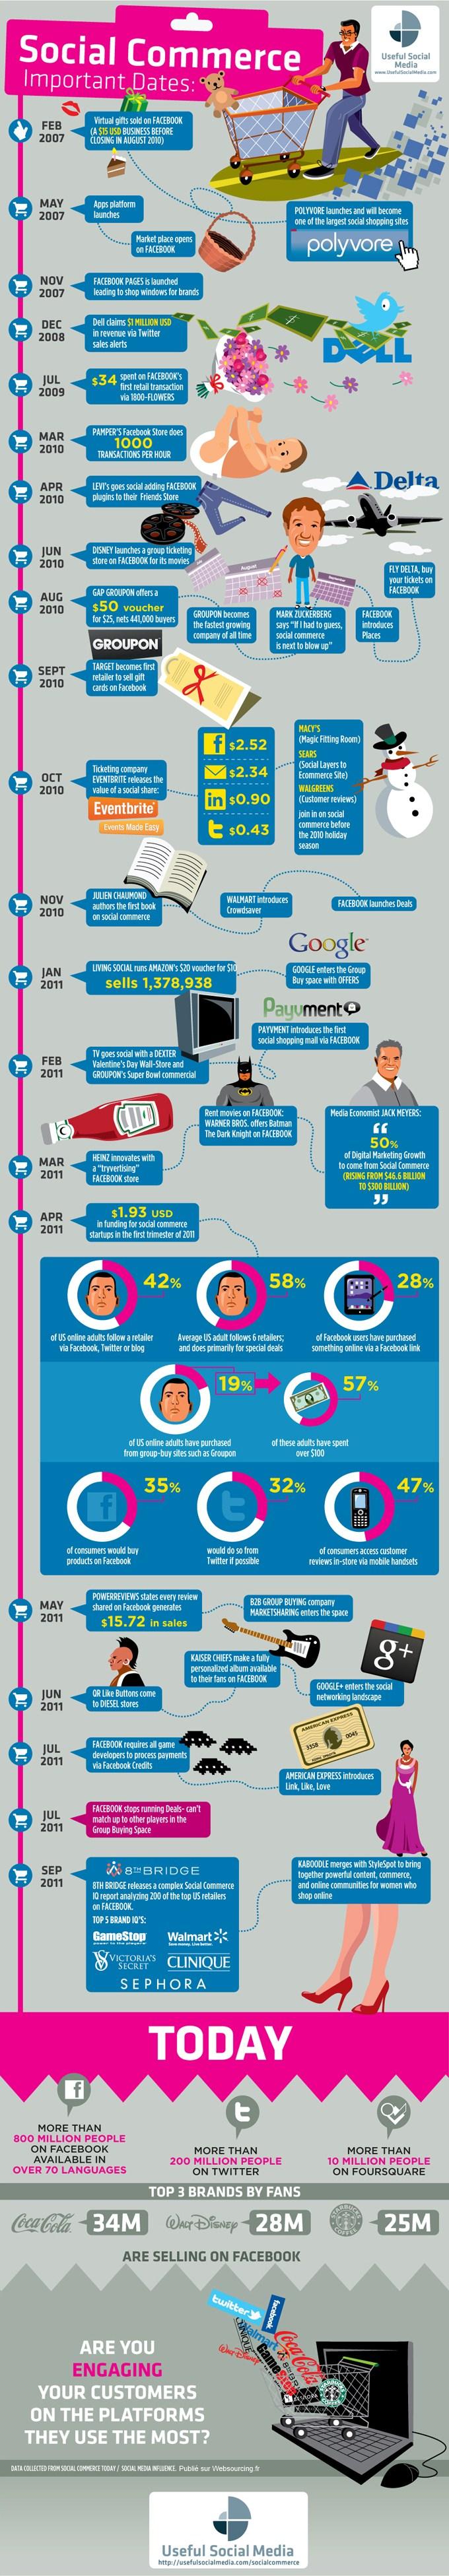 Histoire pour le Social commerce